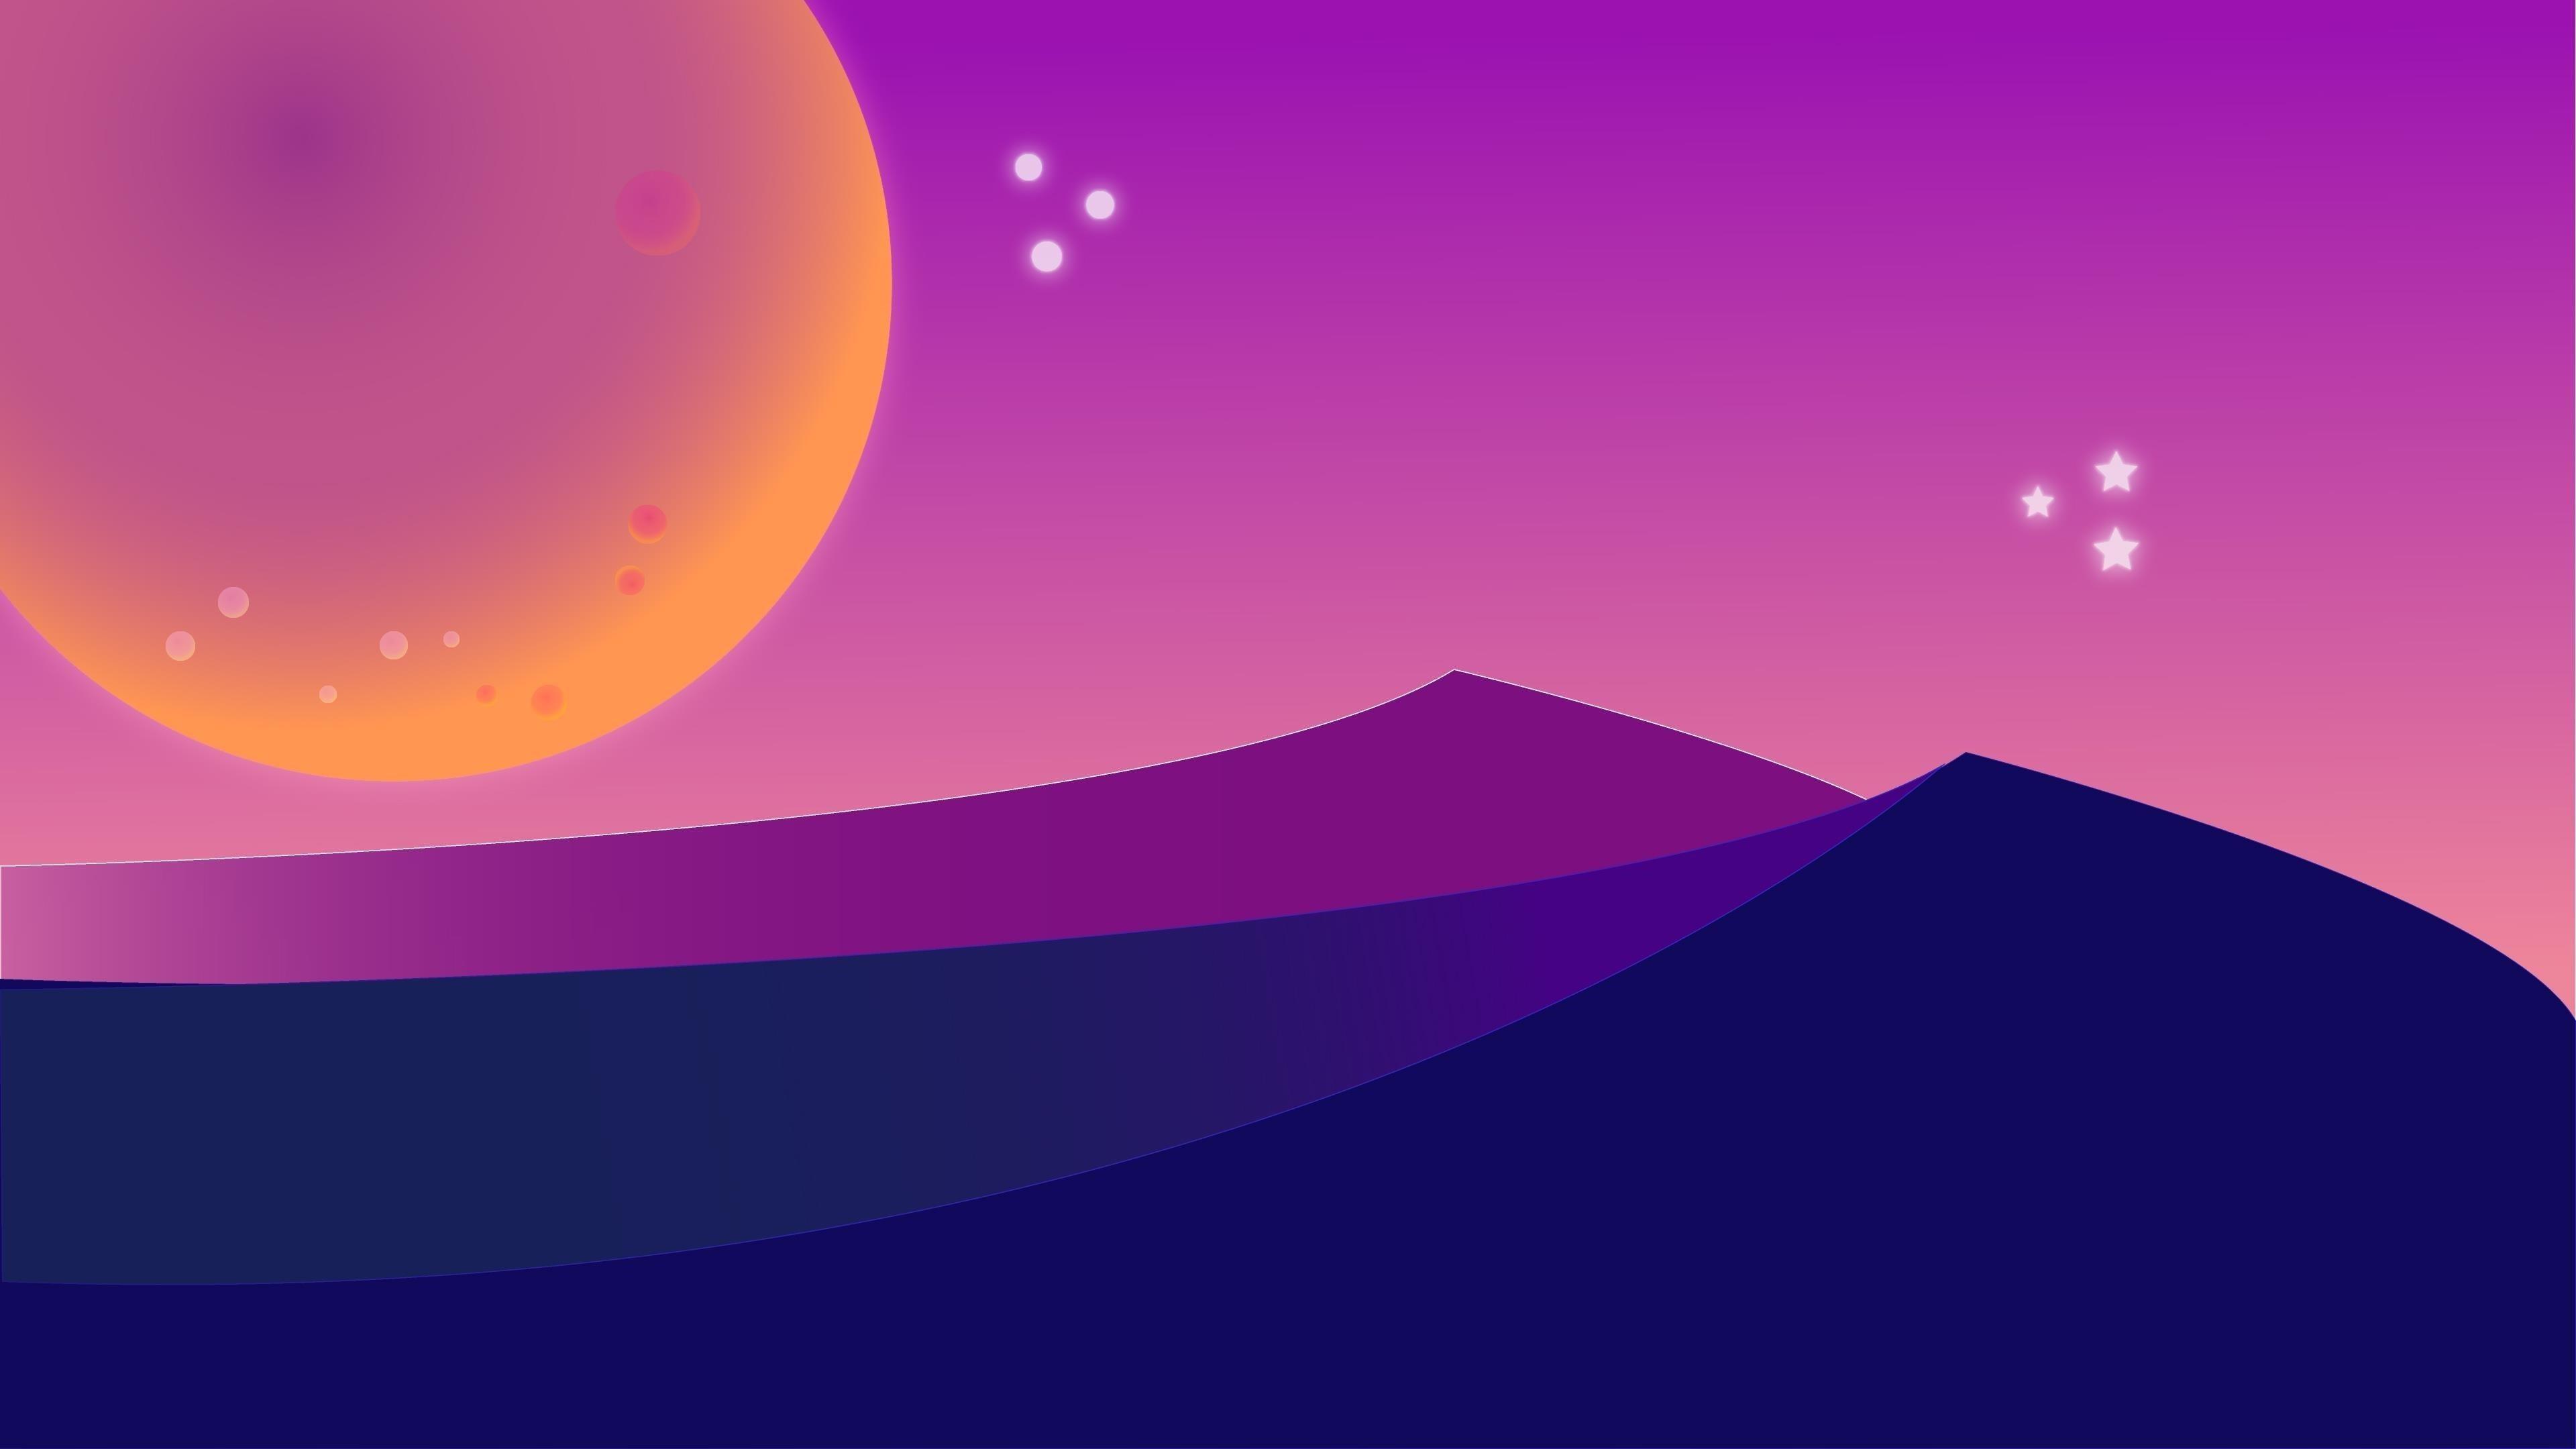 Художественная пустыня обои скачать